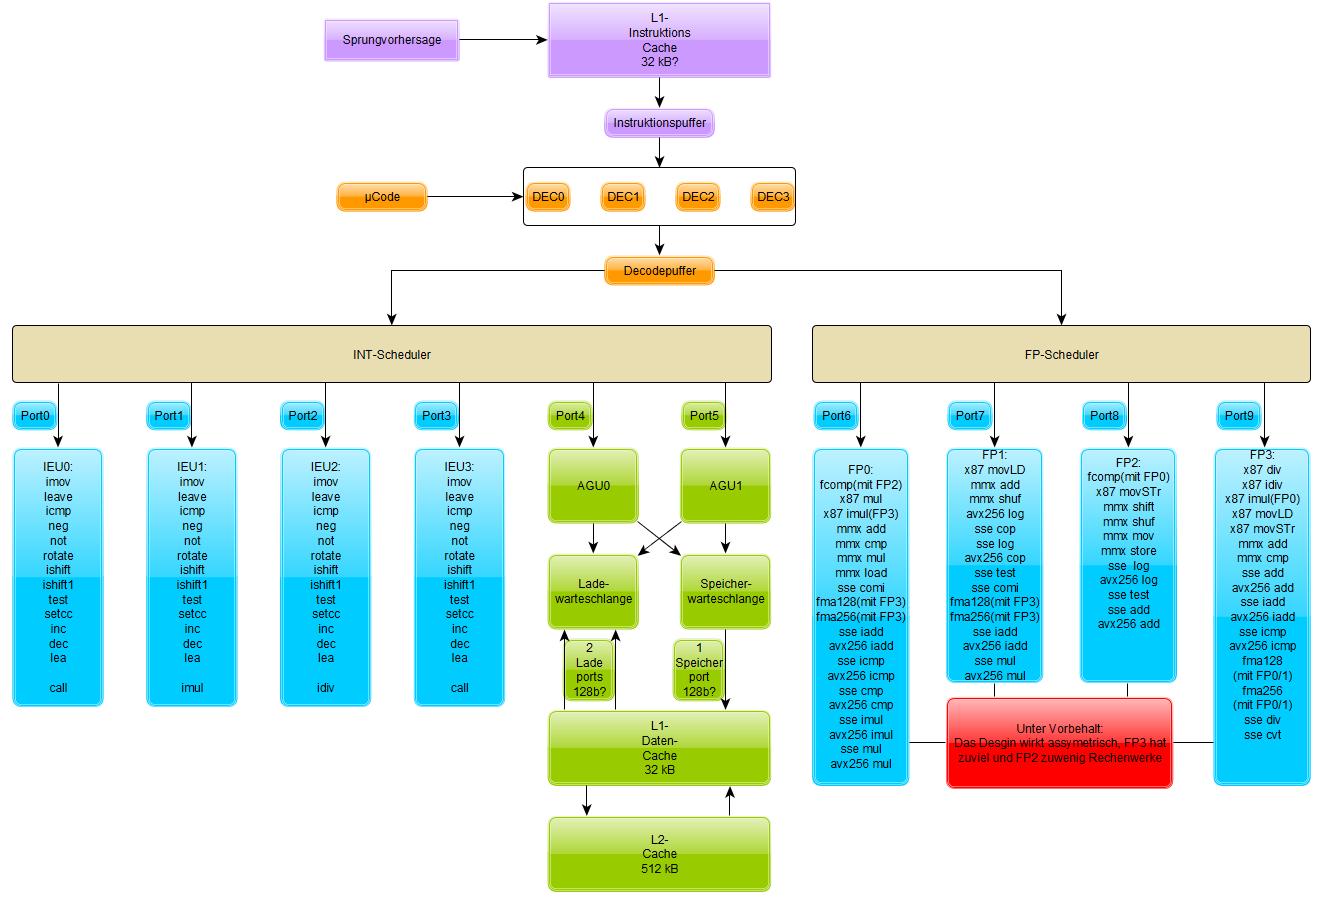 Architekturskizze nach AMDs Compilerpatch. Fehldarstellungen aufgrund von Copy-Paste-Fehlern im Code sind möglich!